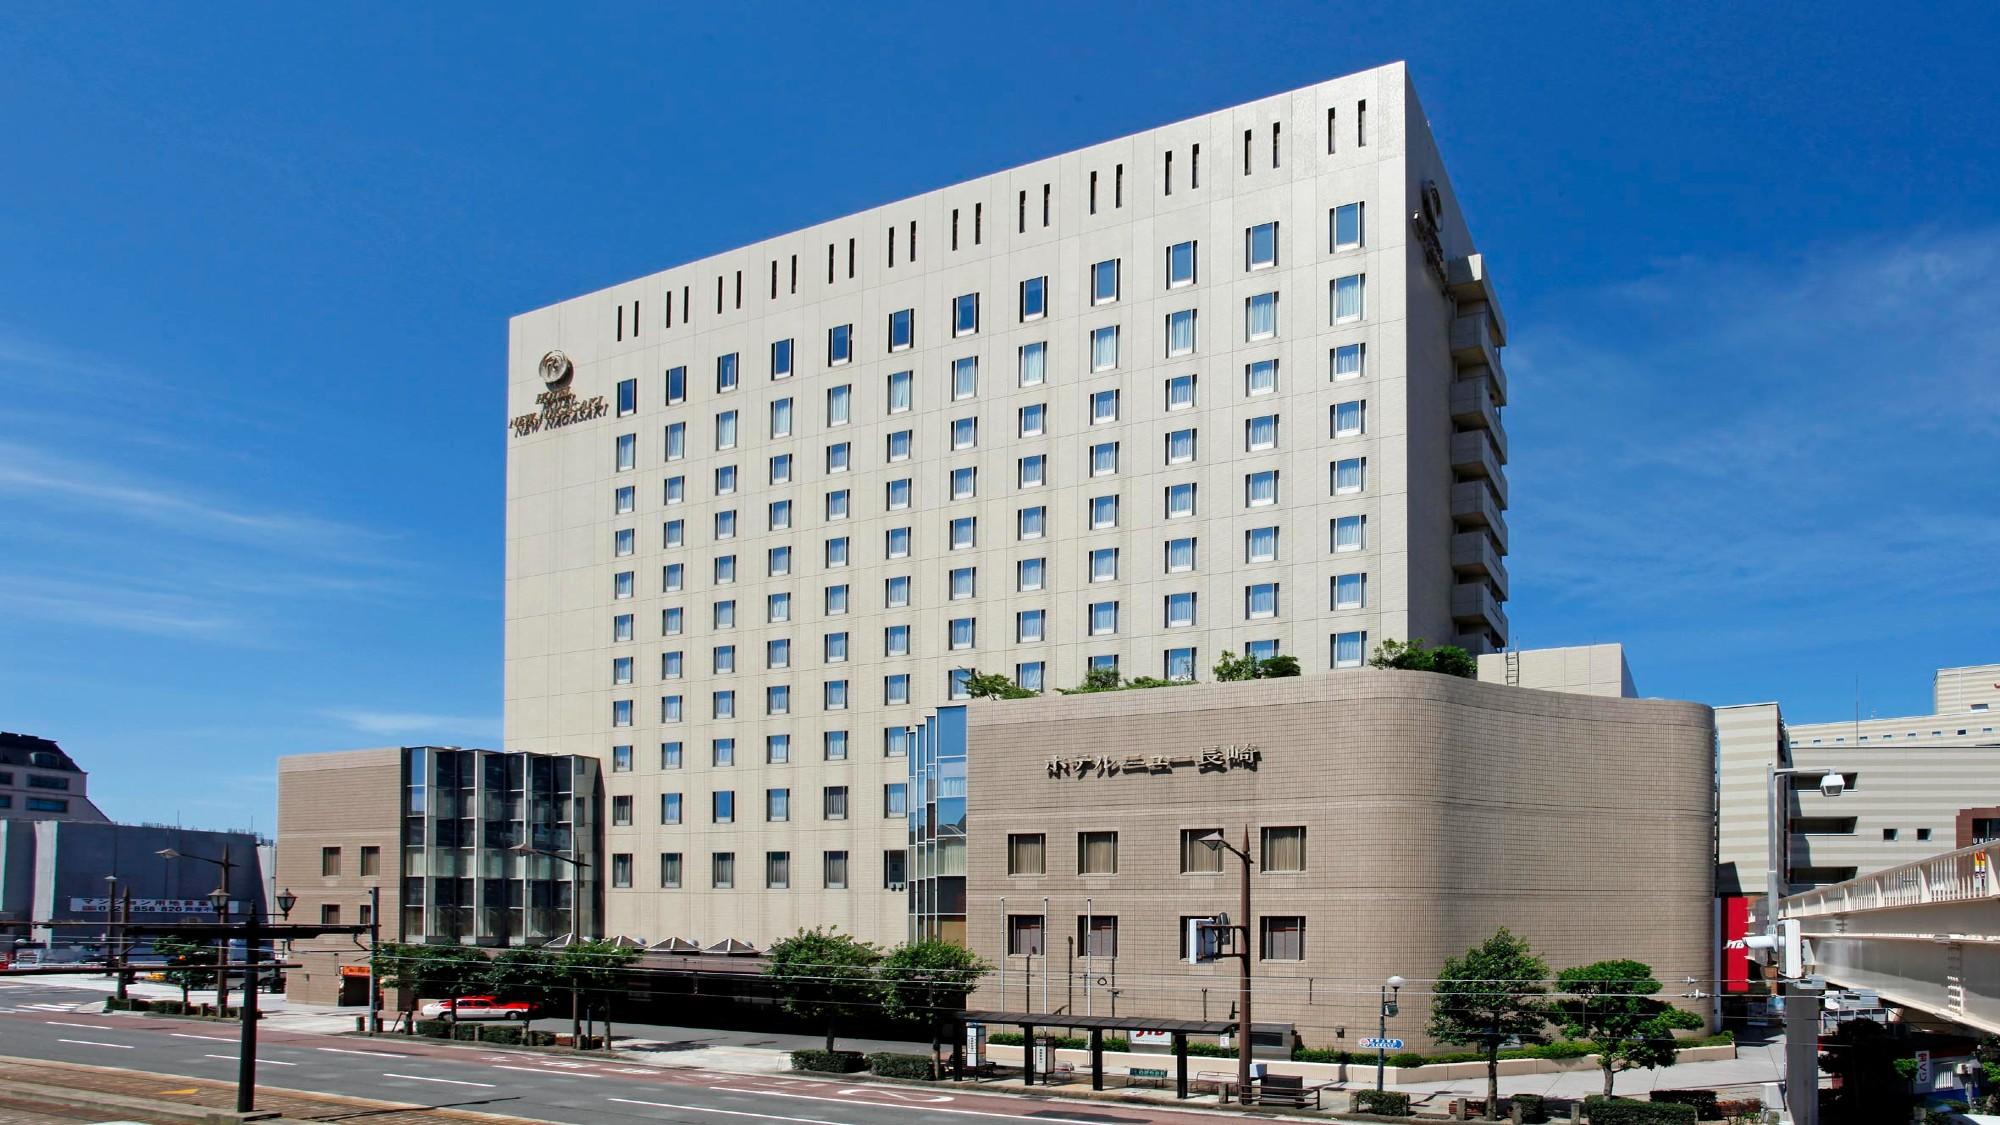 長崎で朝食のおいしいおすすめのホテル教えてください。